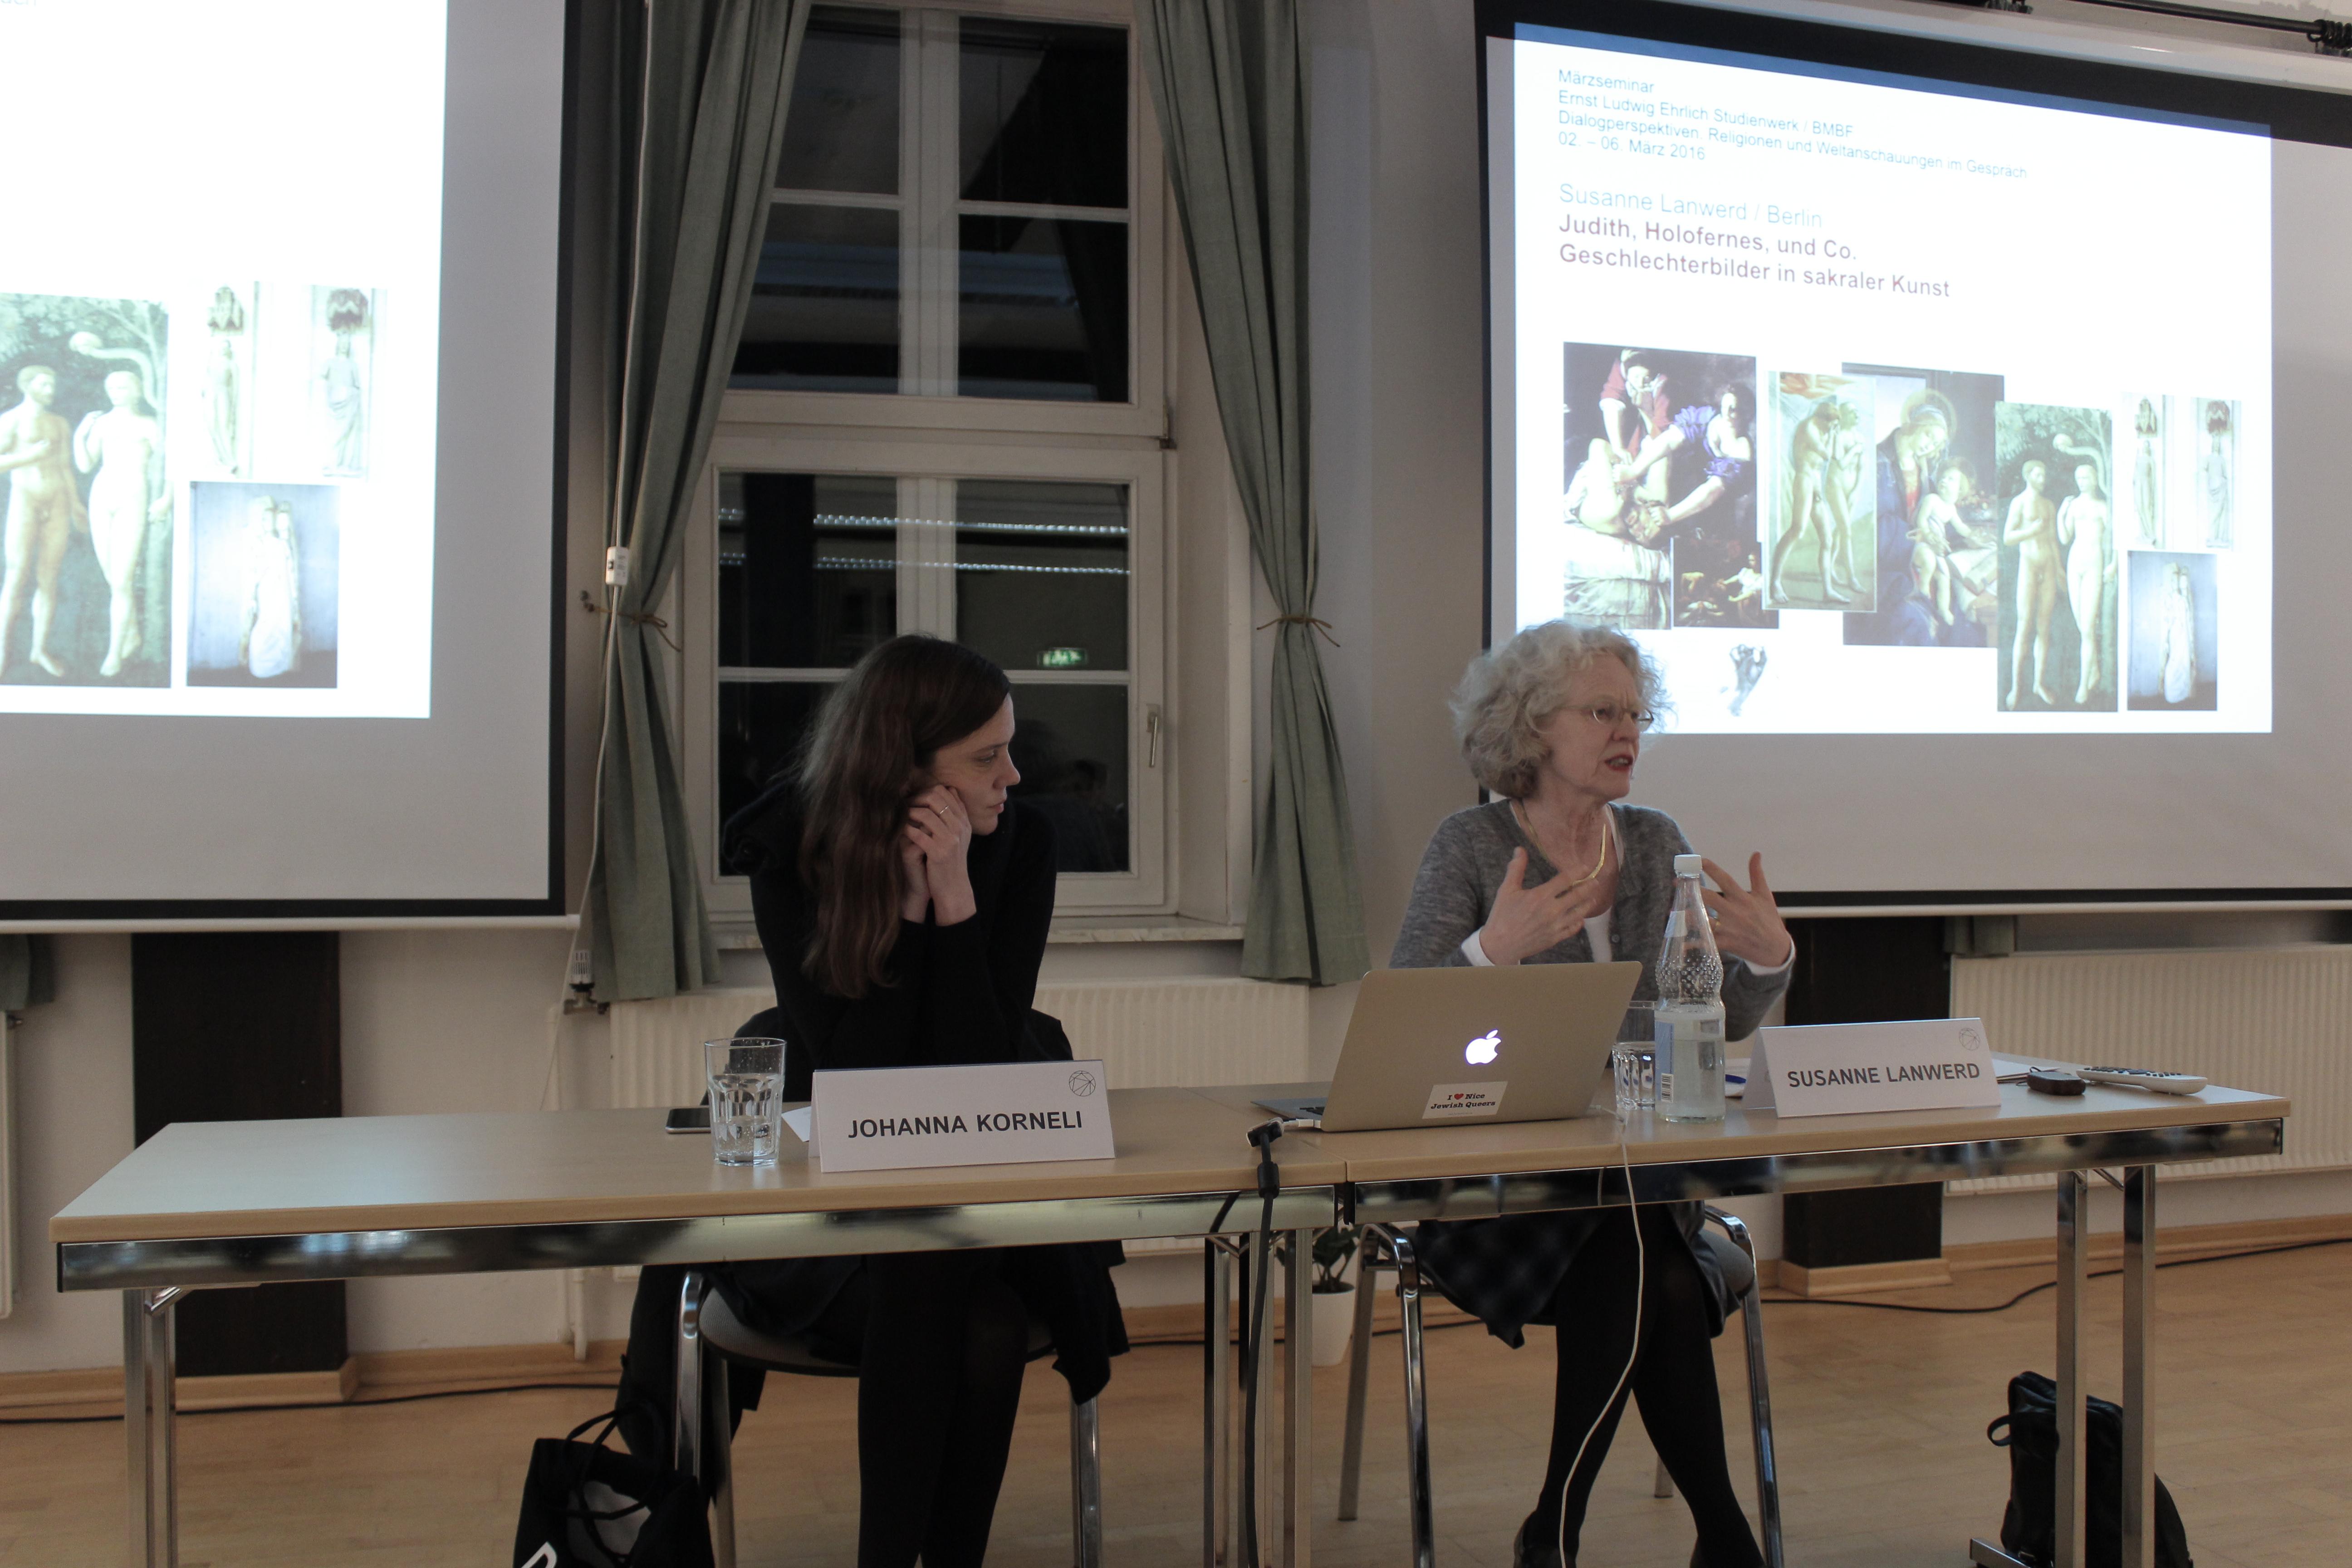 Vortrag von Susanne Lanwerd zu Geschlechterbildern in sakraler Kunst